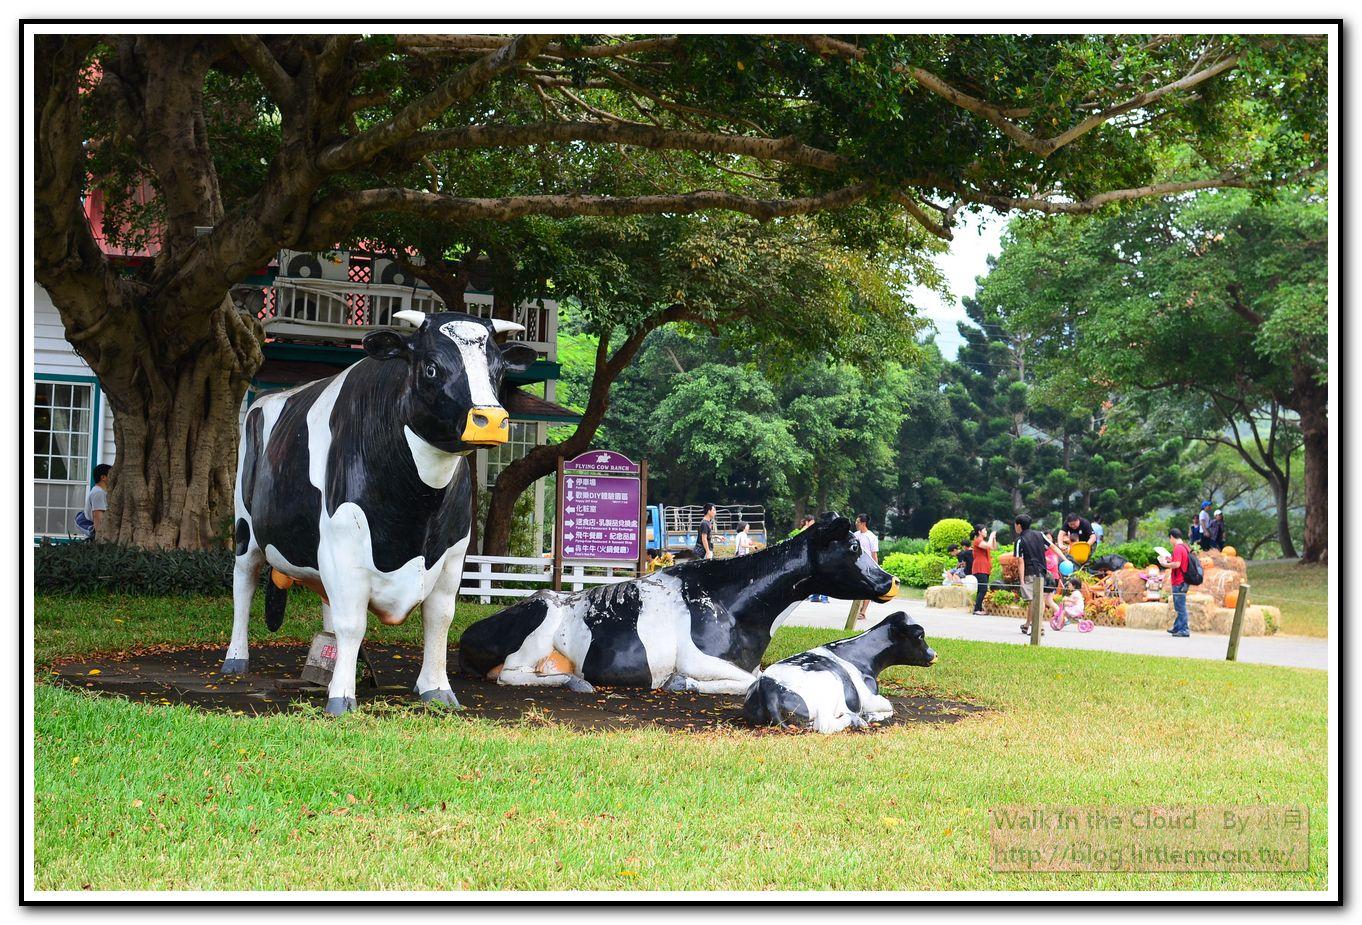 飛牛牧場廣場 - 乳牛模型